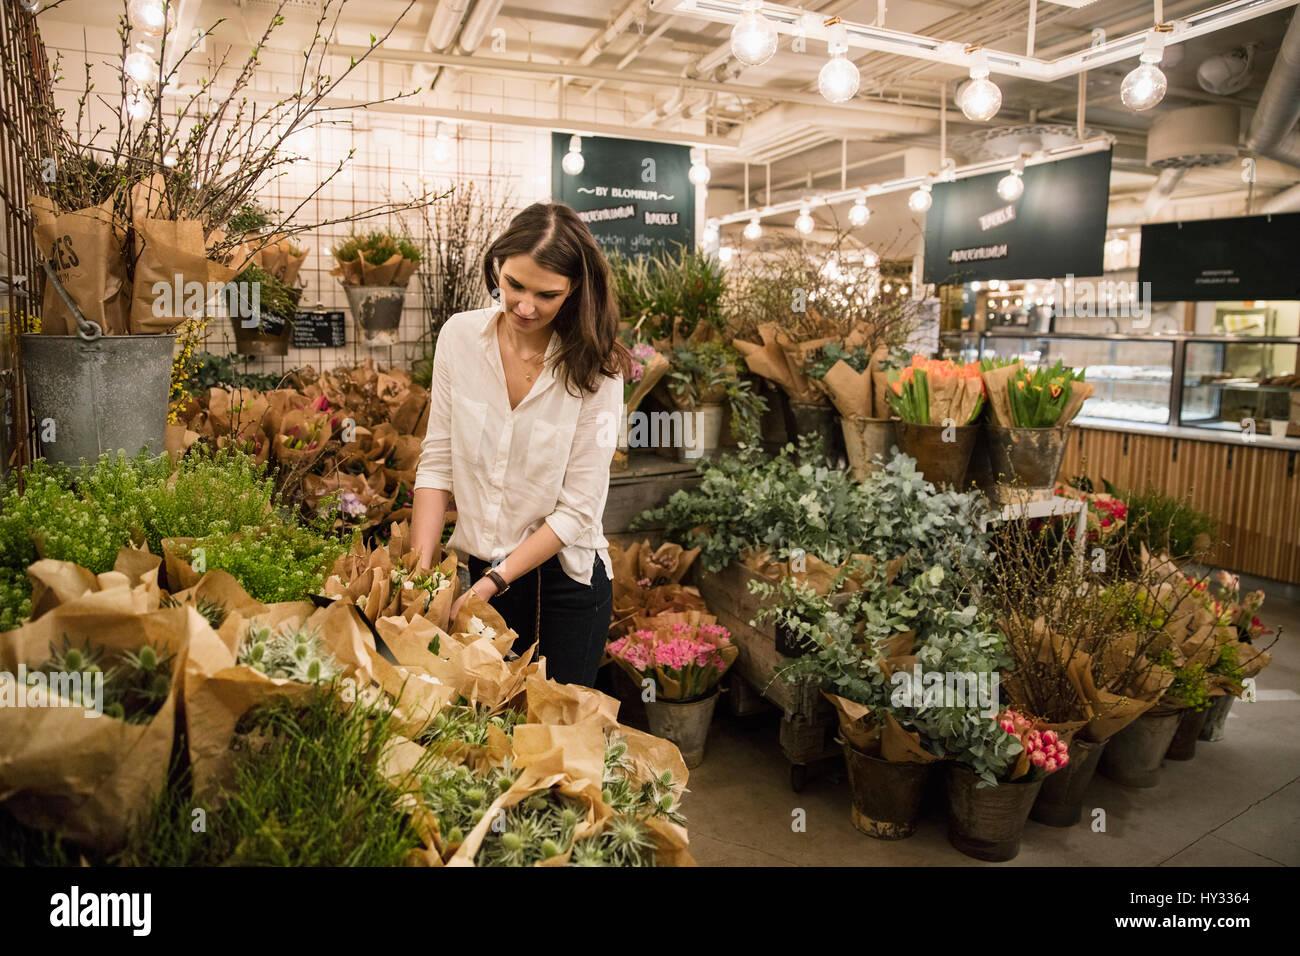 Suecia, mujer elegir flores en tienda Imagen De Stock